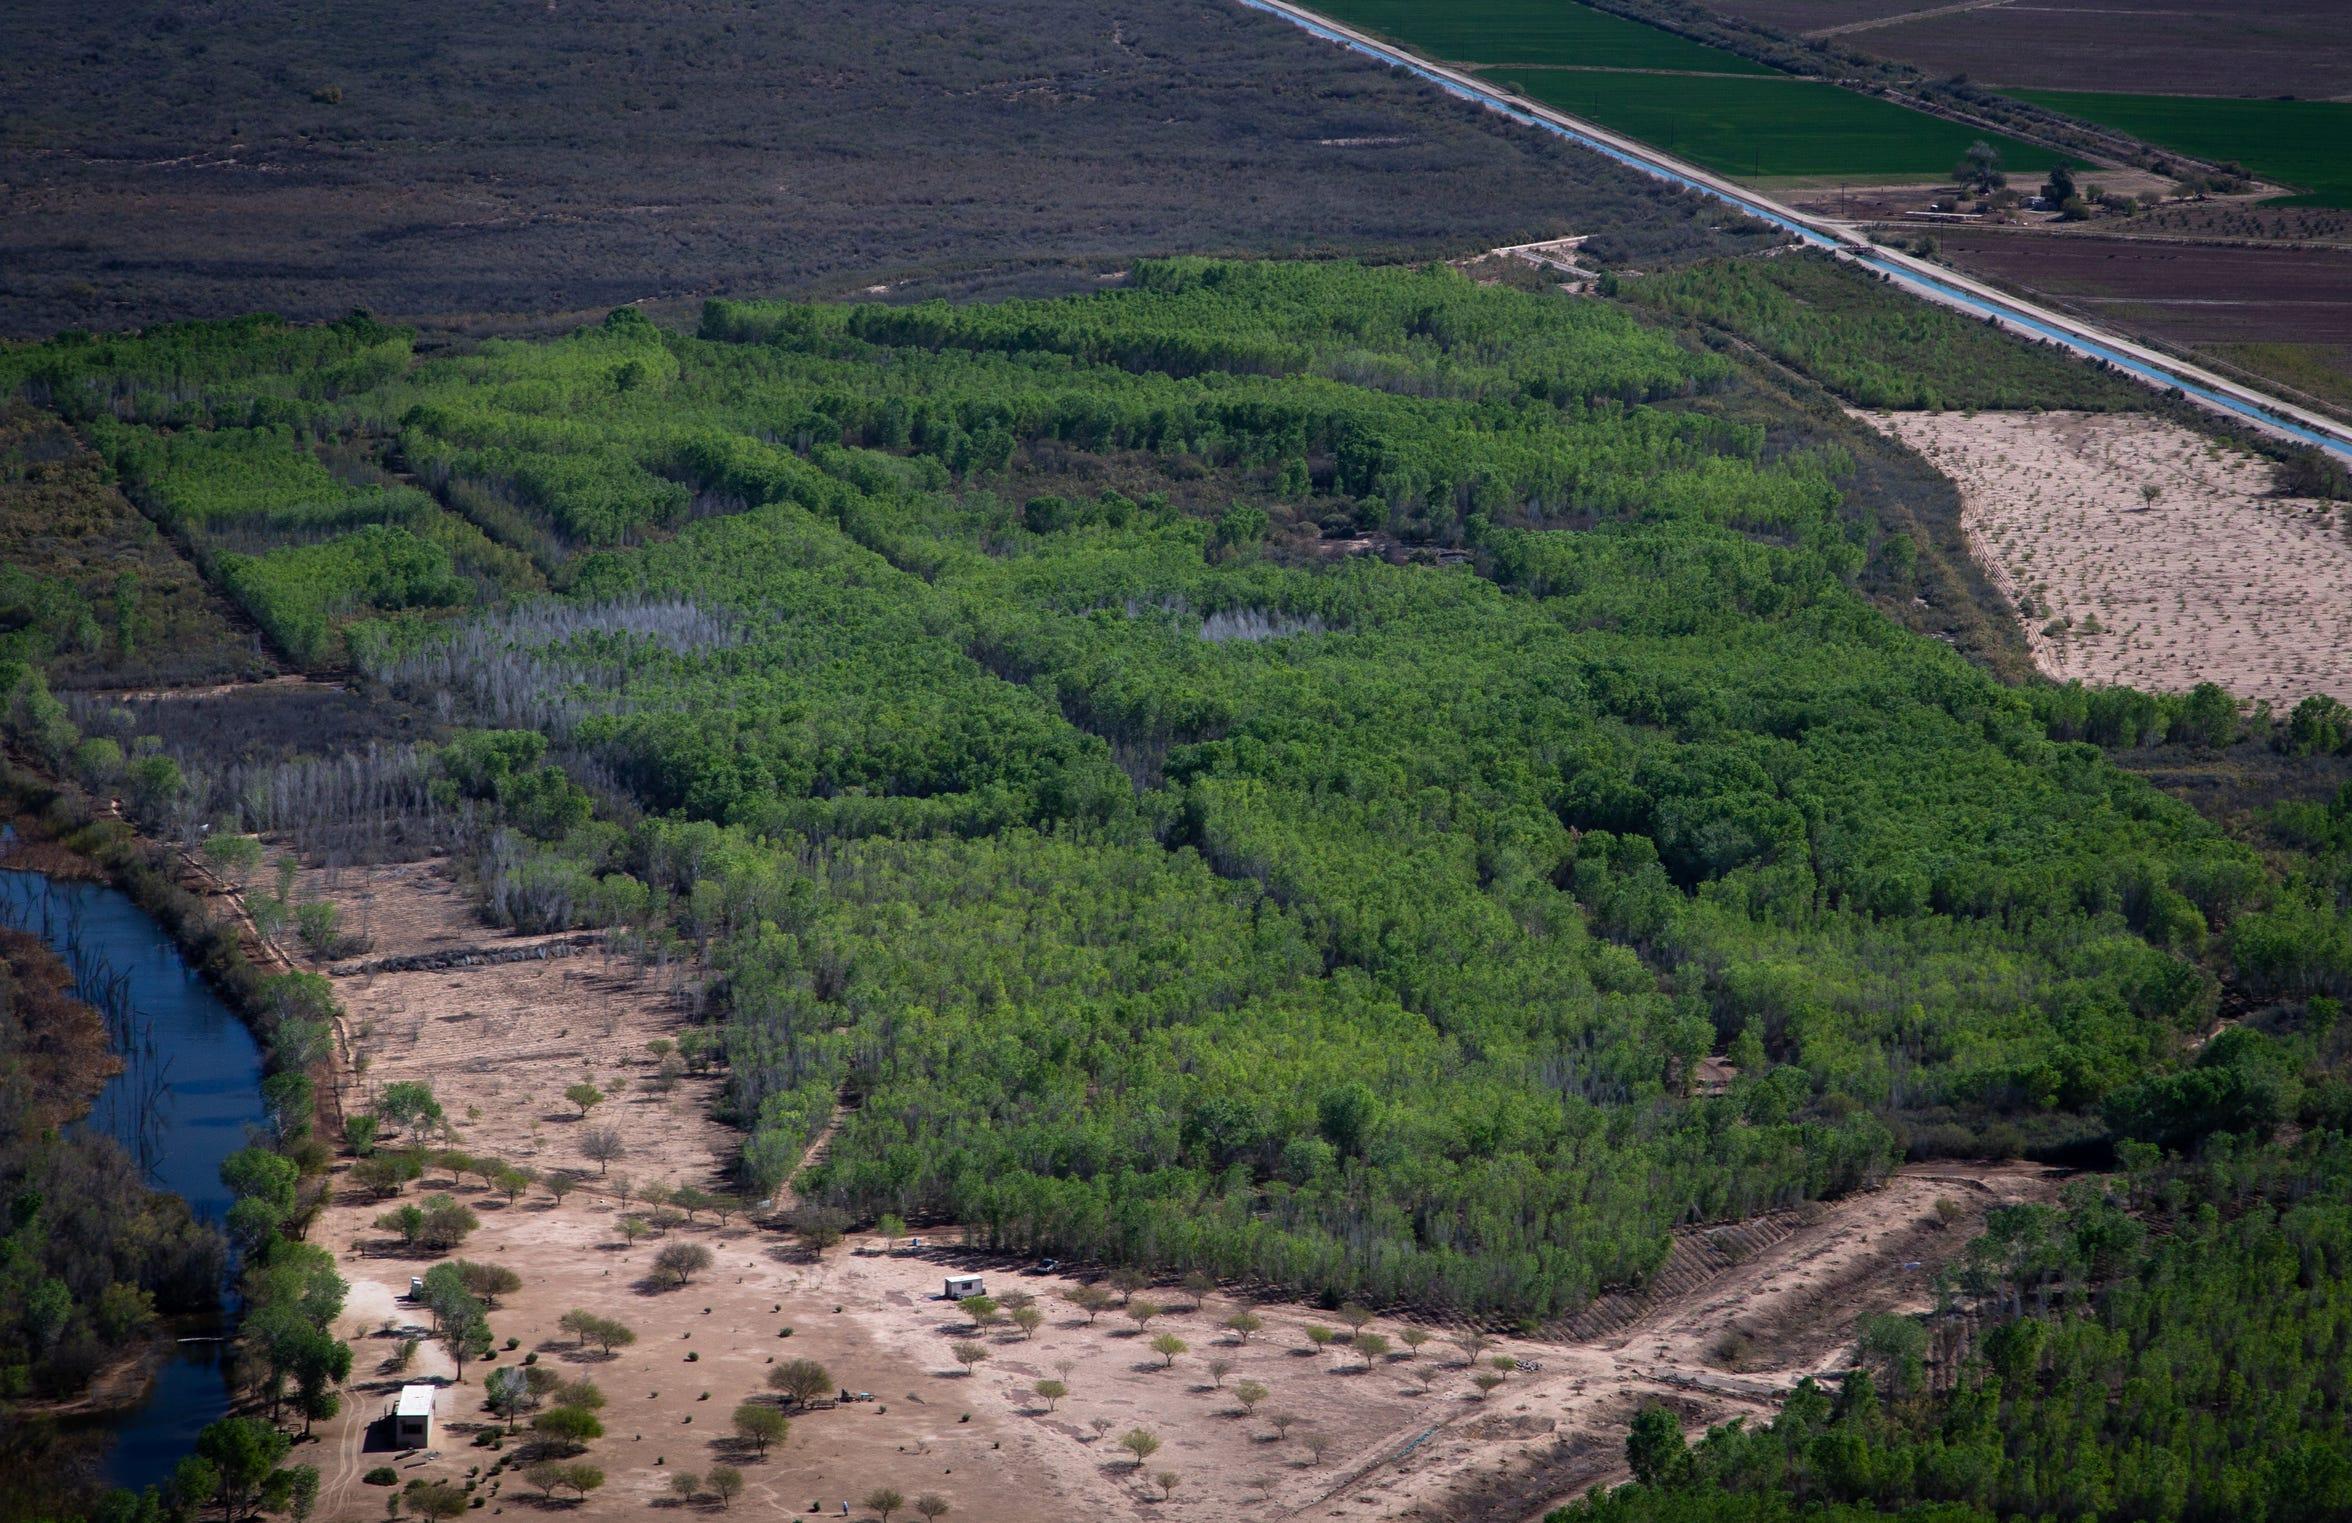 El Instituto Sonora administra el área de restauración de Laguna Grande en el Delta del Río Colorado en México.